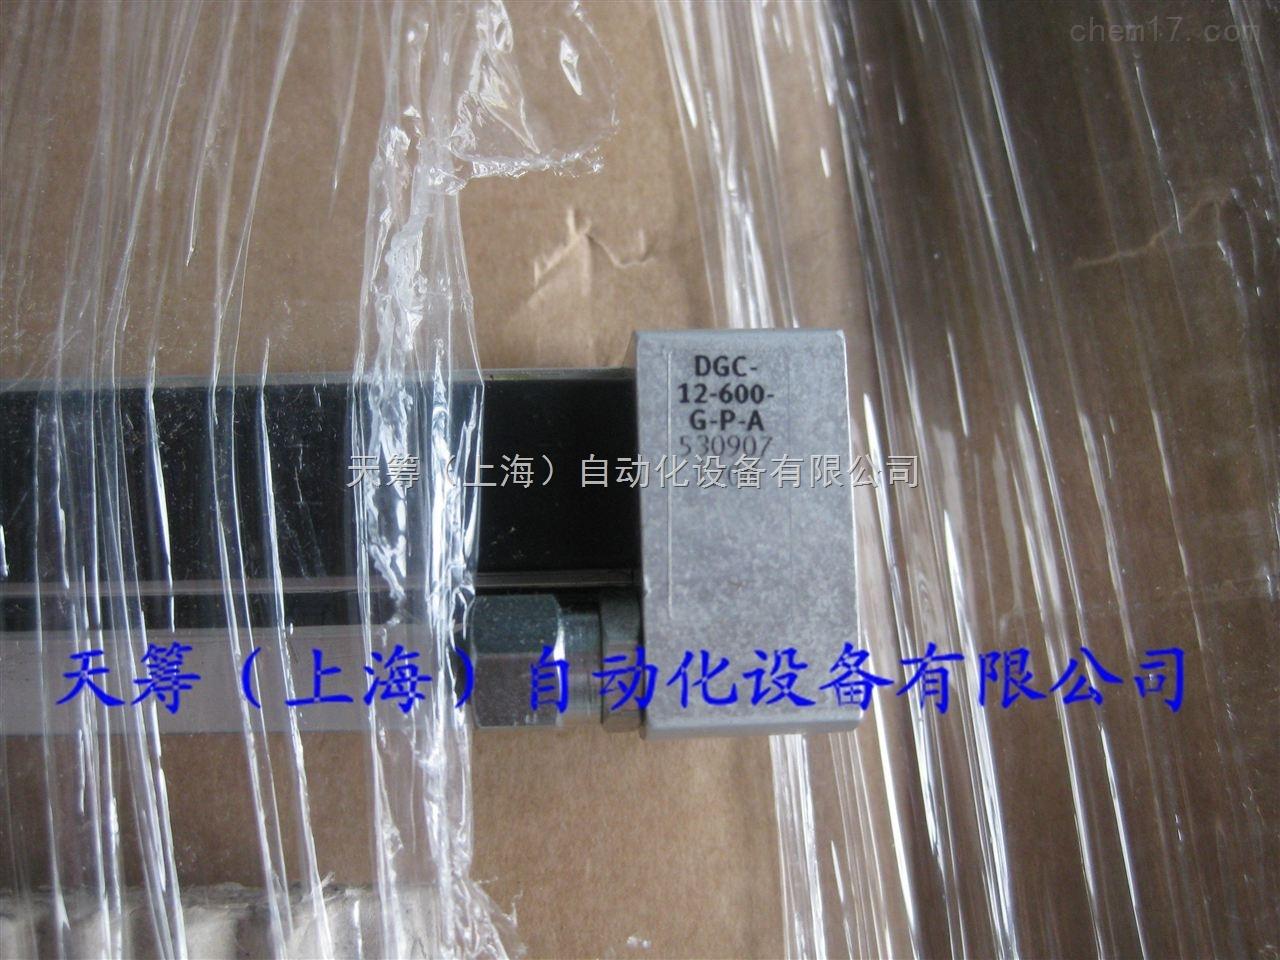 FESTO产品无杆气缸DGC系列DGC-12- 600-G-P-A